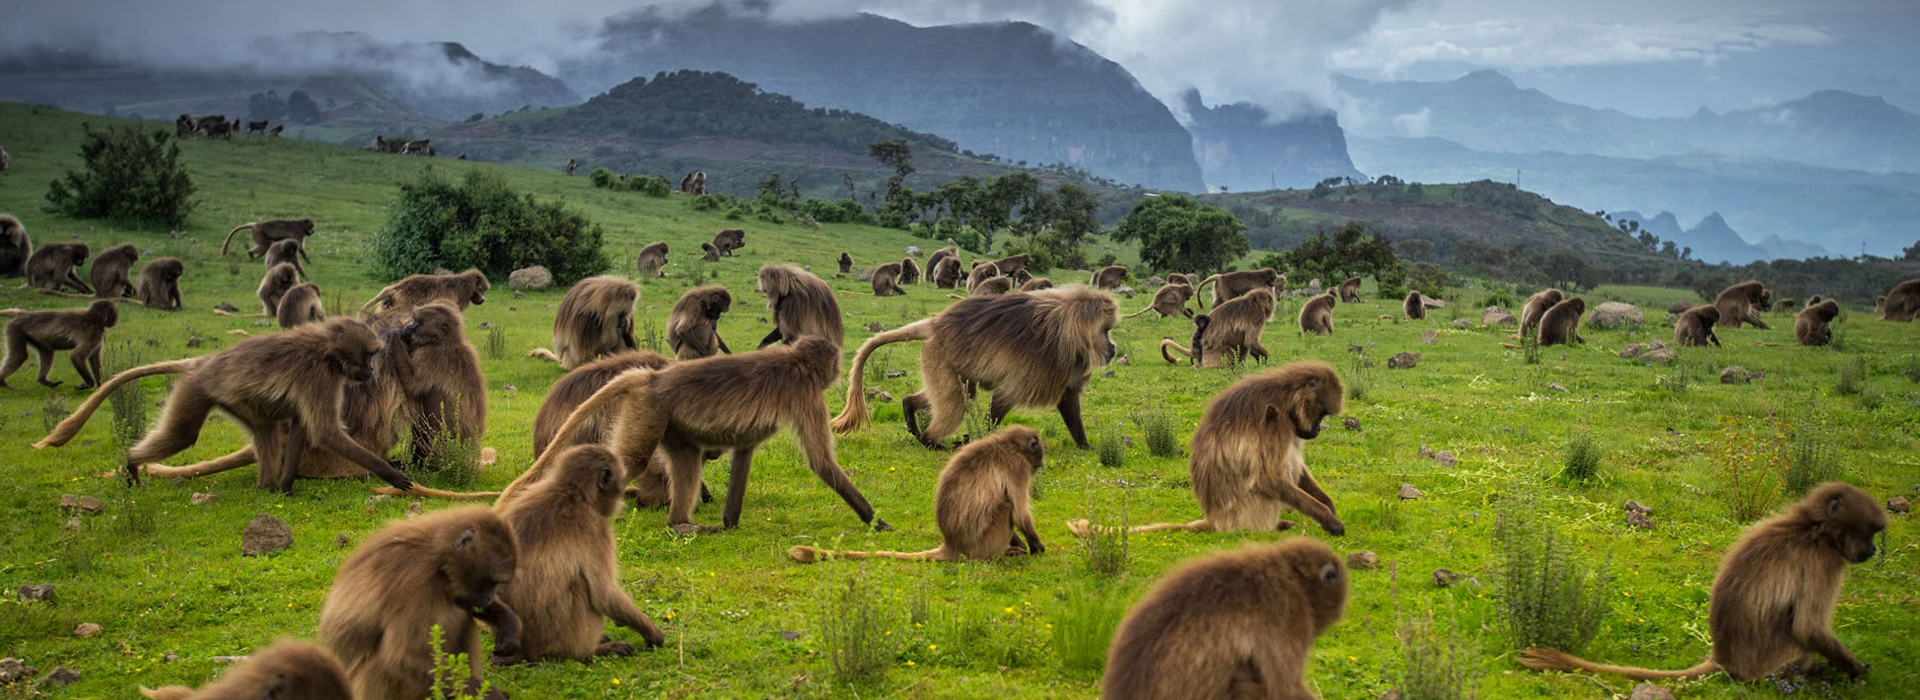 Ethiopia Safari